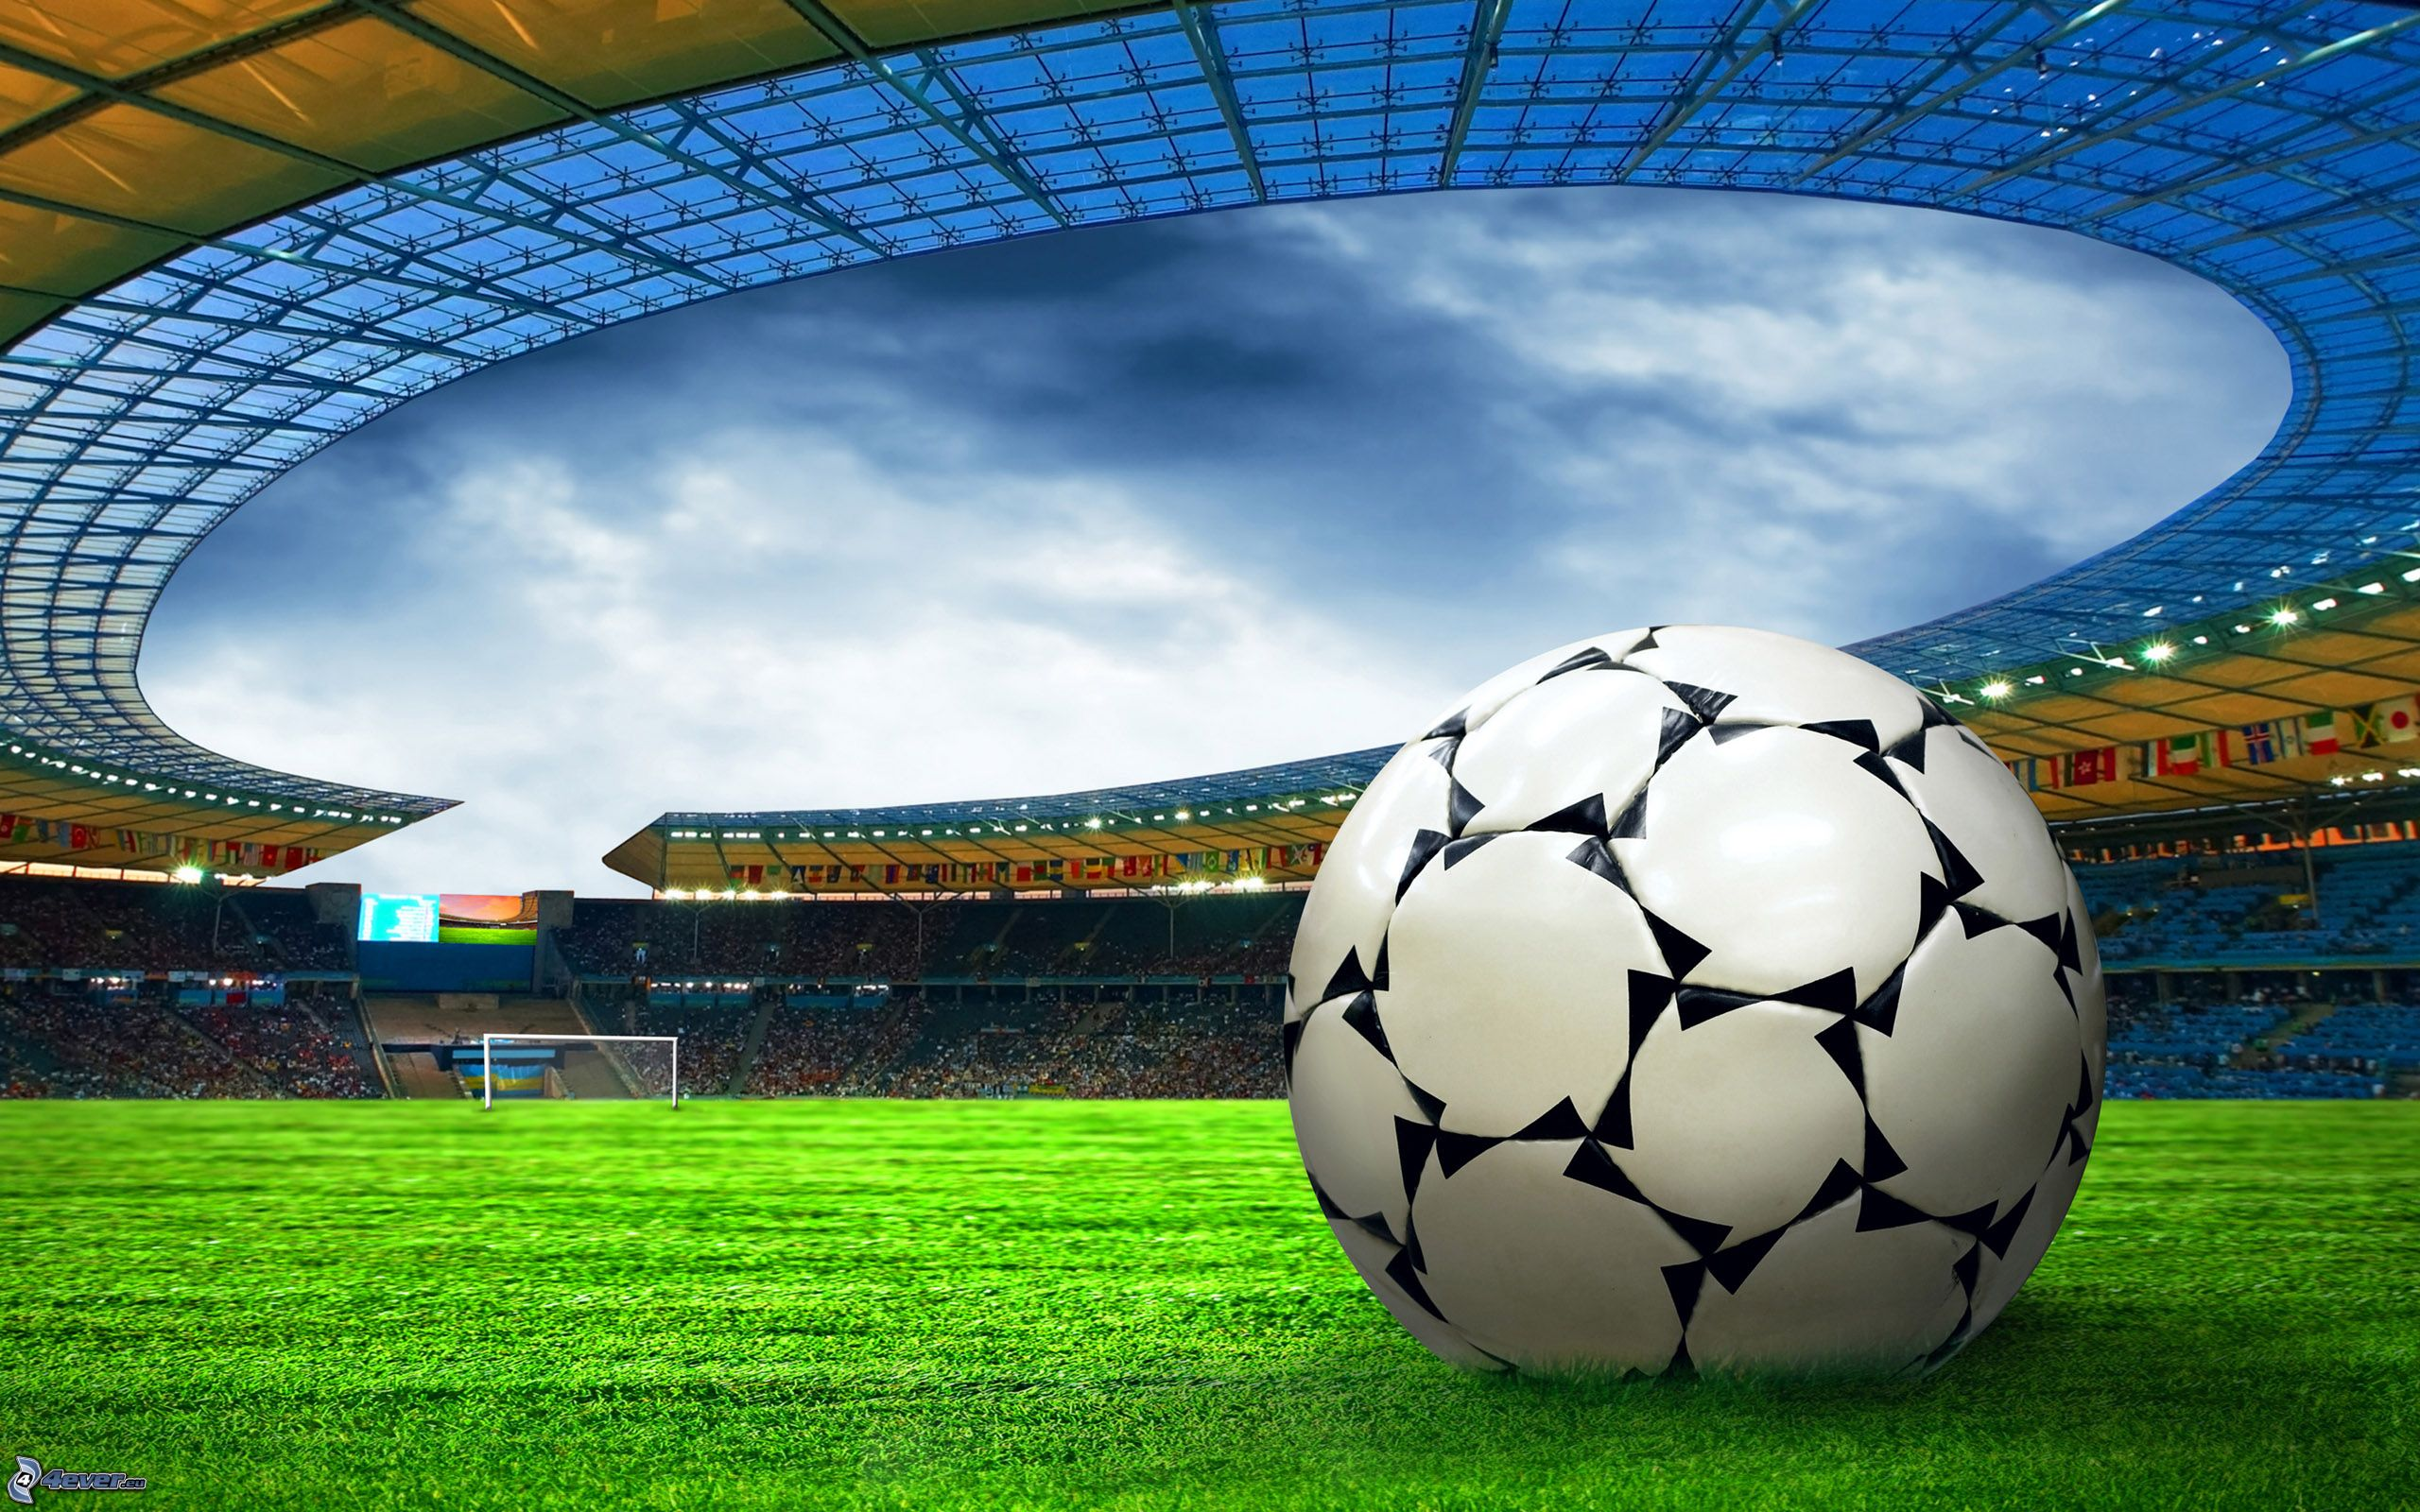 VENERDI 2 MAGGIO SALUTIAMOCI IN QUESTA SEZIONE Calcio-gioia-e-tormento